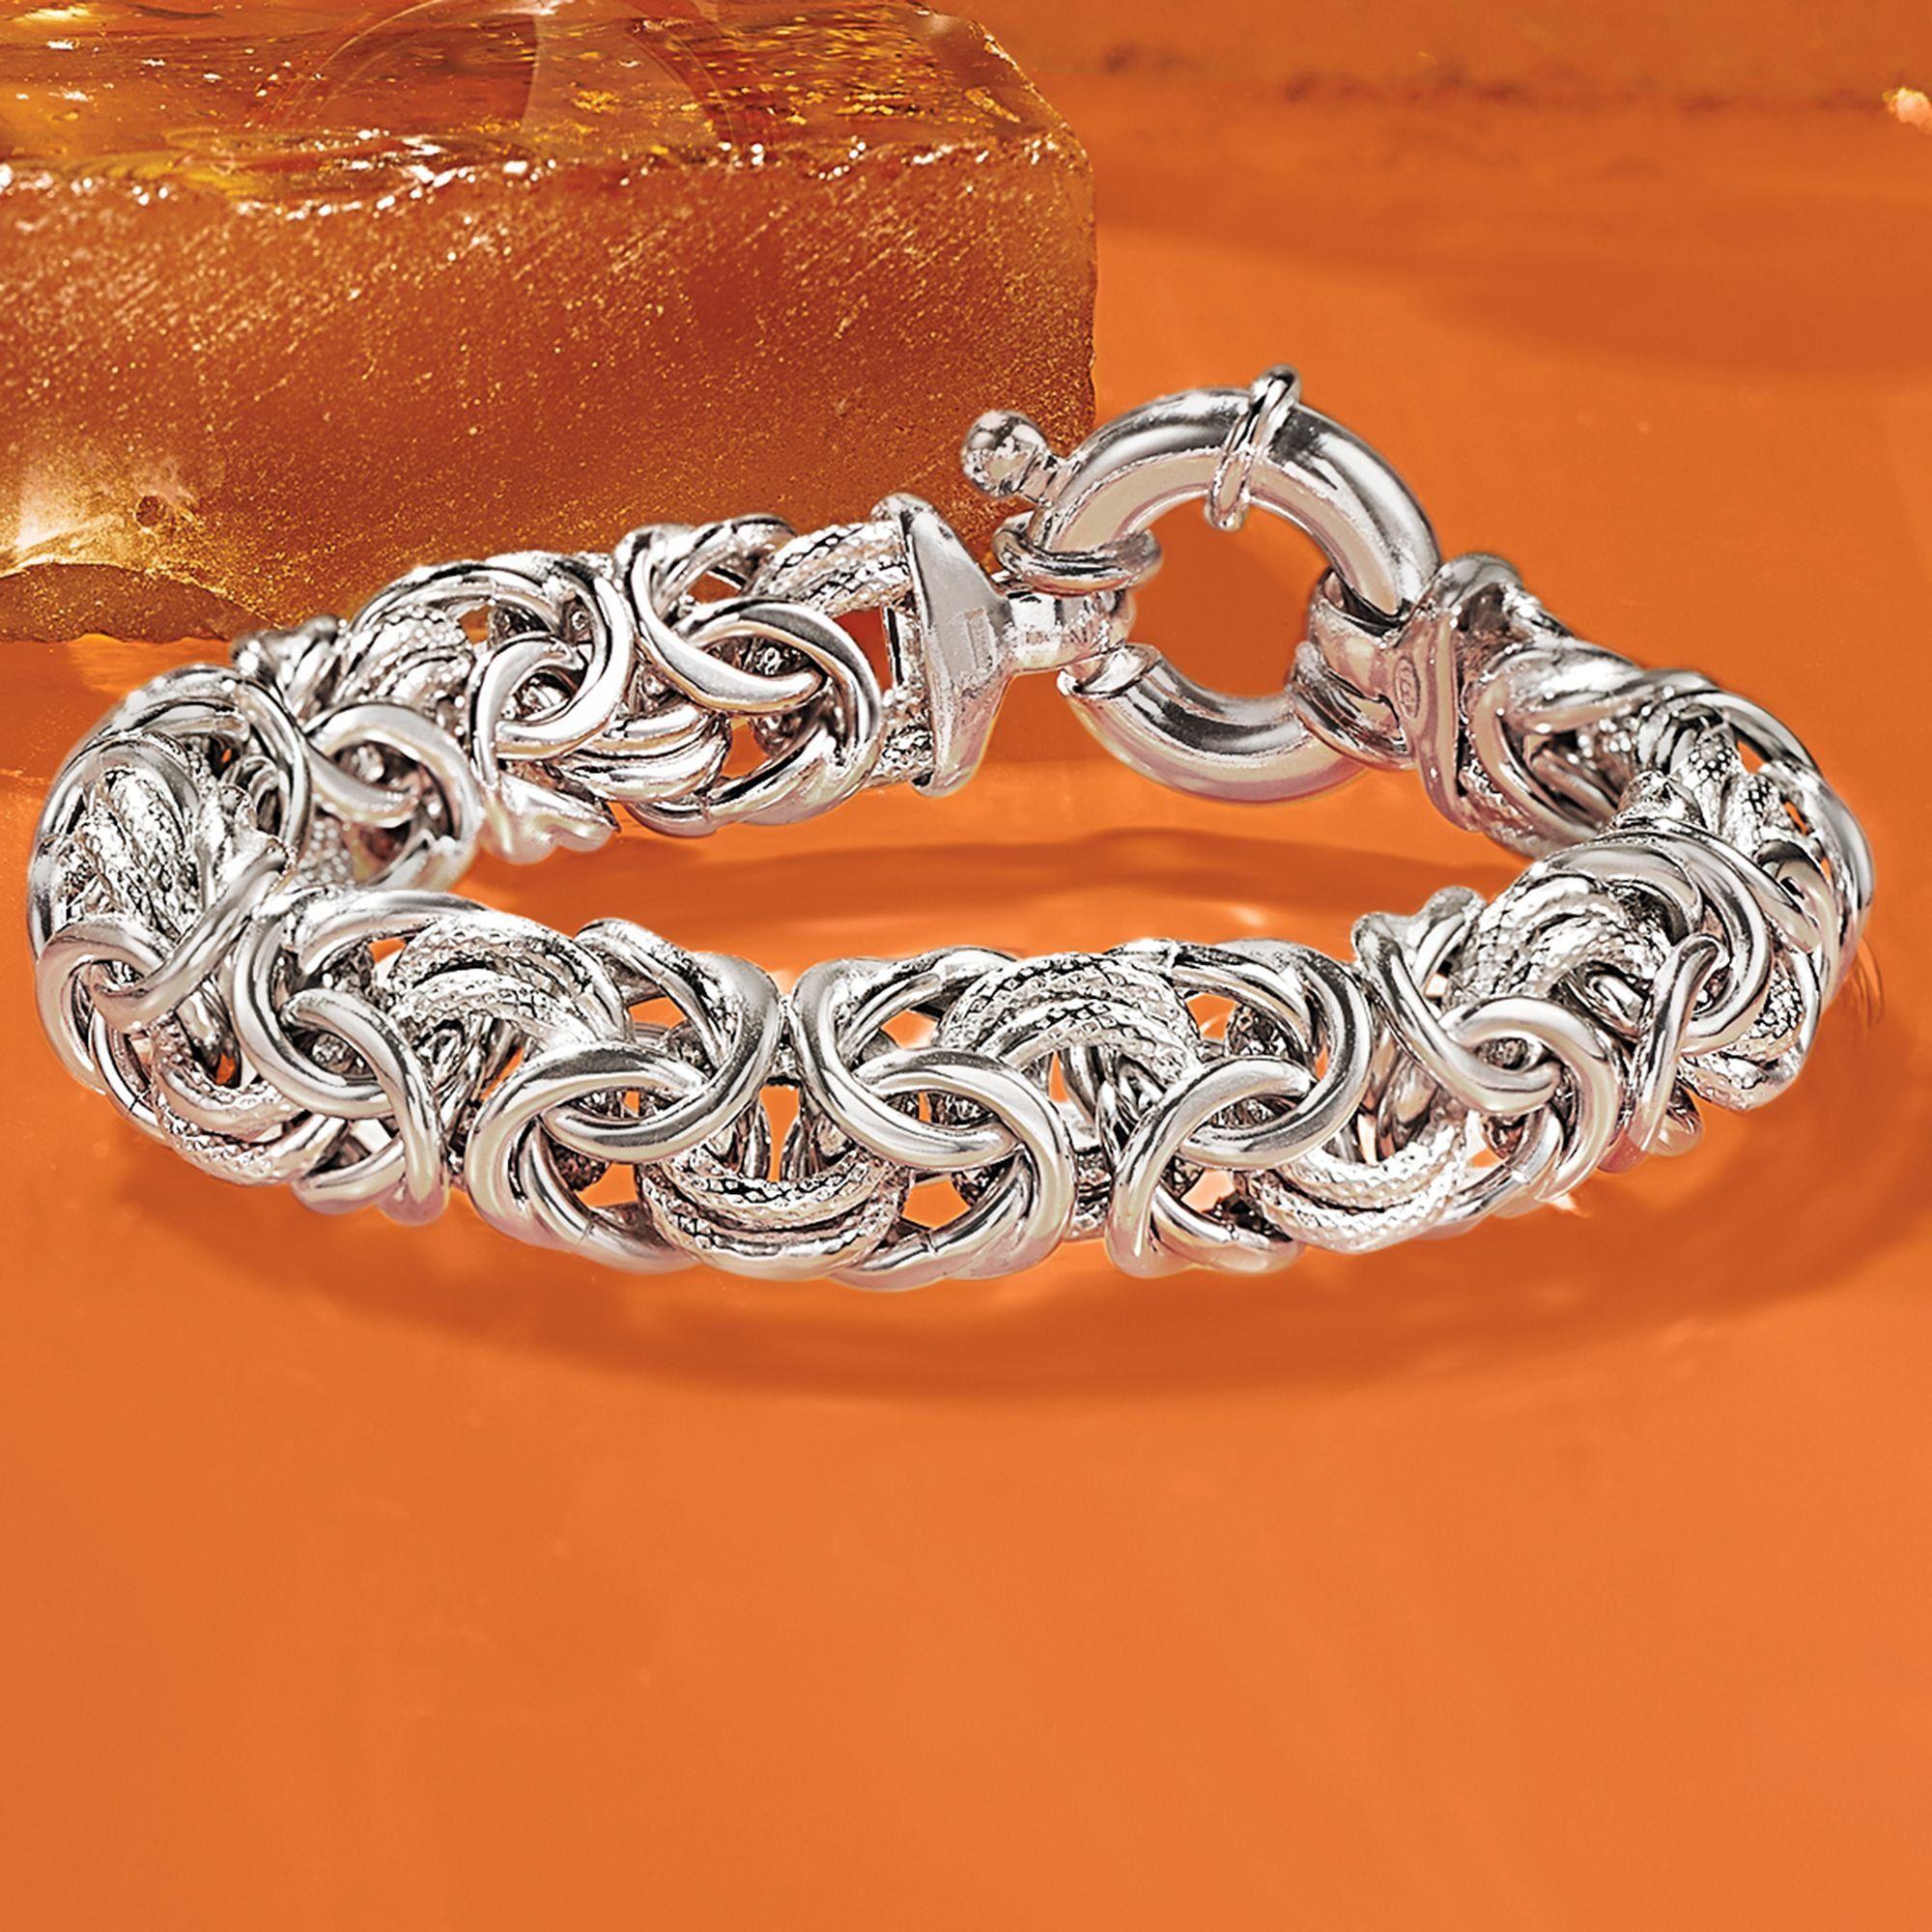 edaf17dd061fe Ross Simons Bracelets - Alert Bracelet